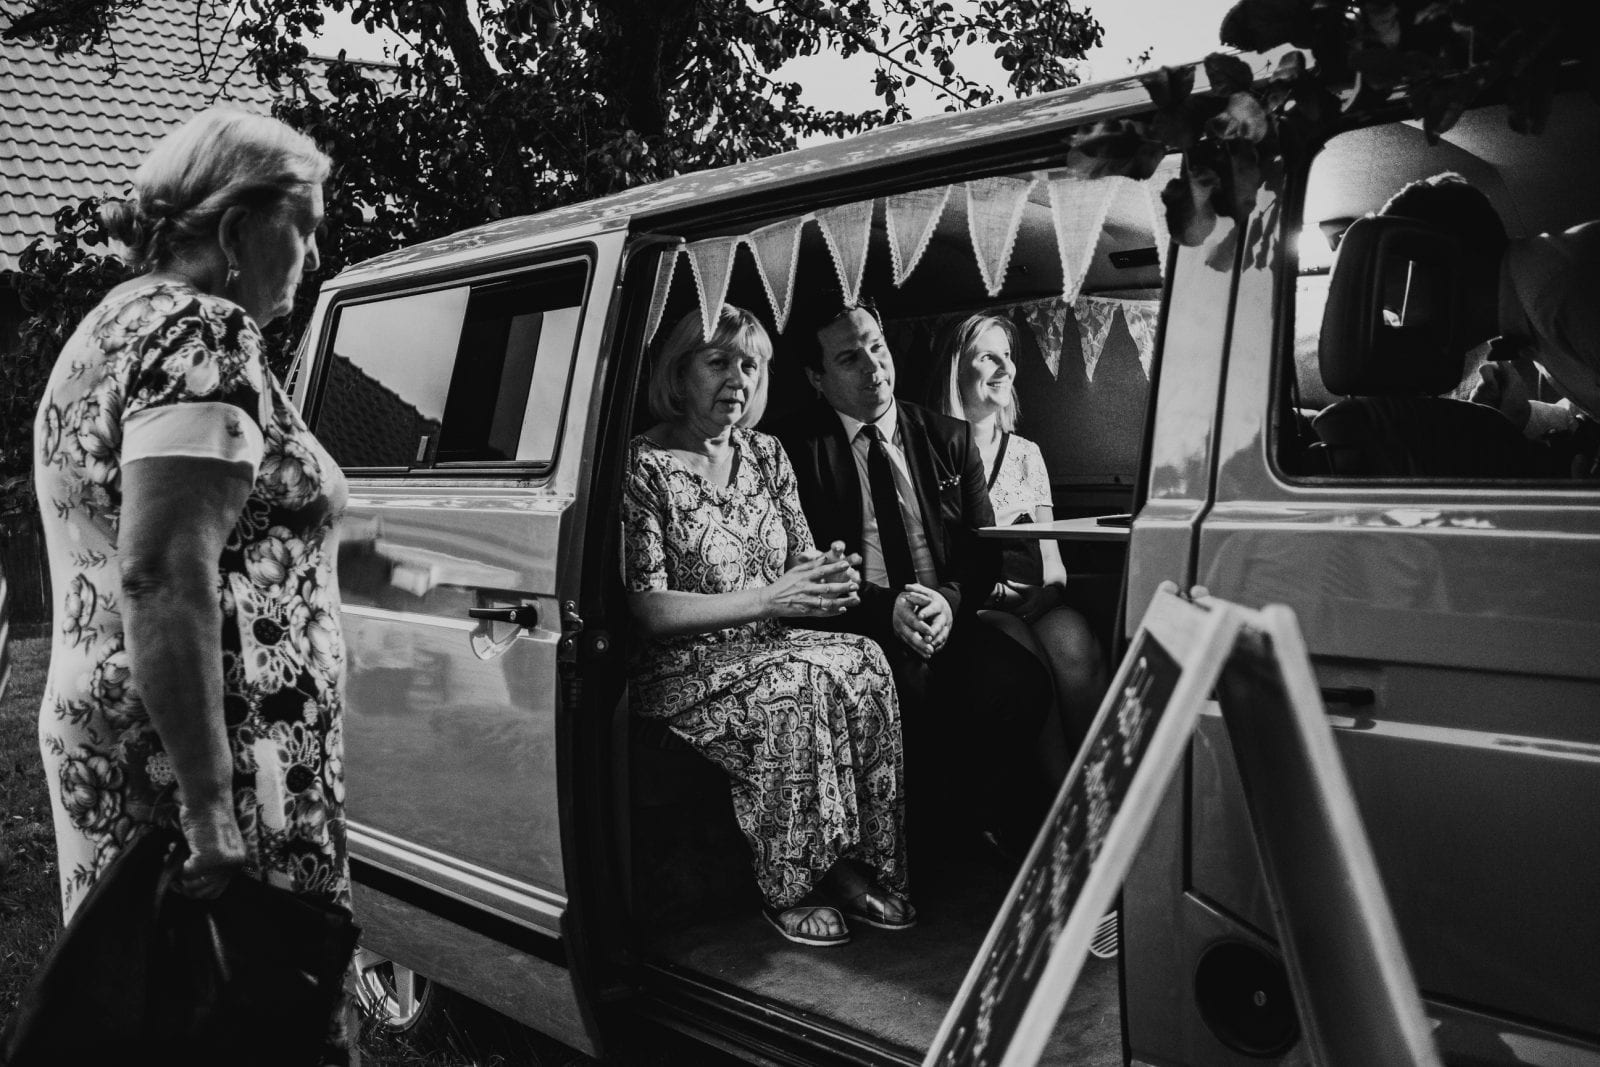 fotograf Szczecin, ślub rustykalny, ślub w stylu rustykalnym Ślub w stylu rustykalnym